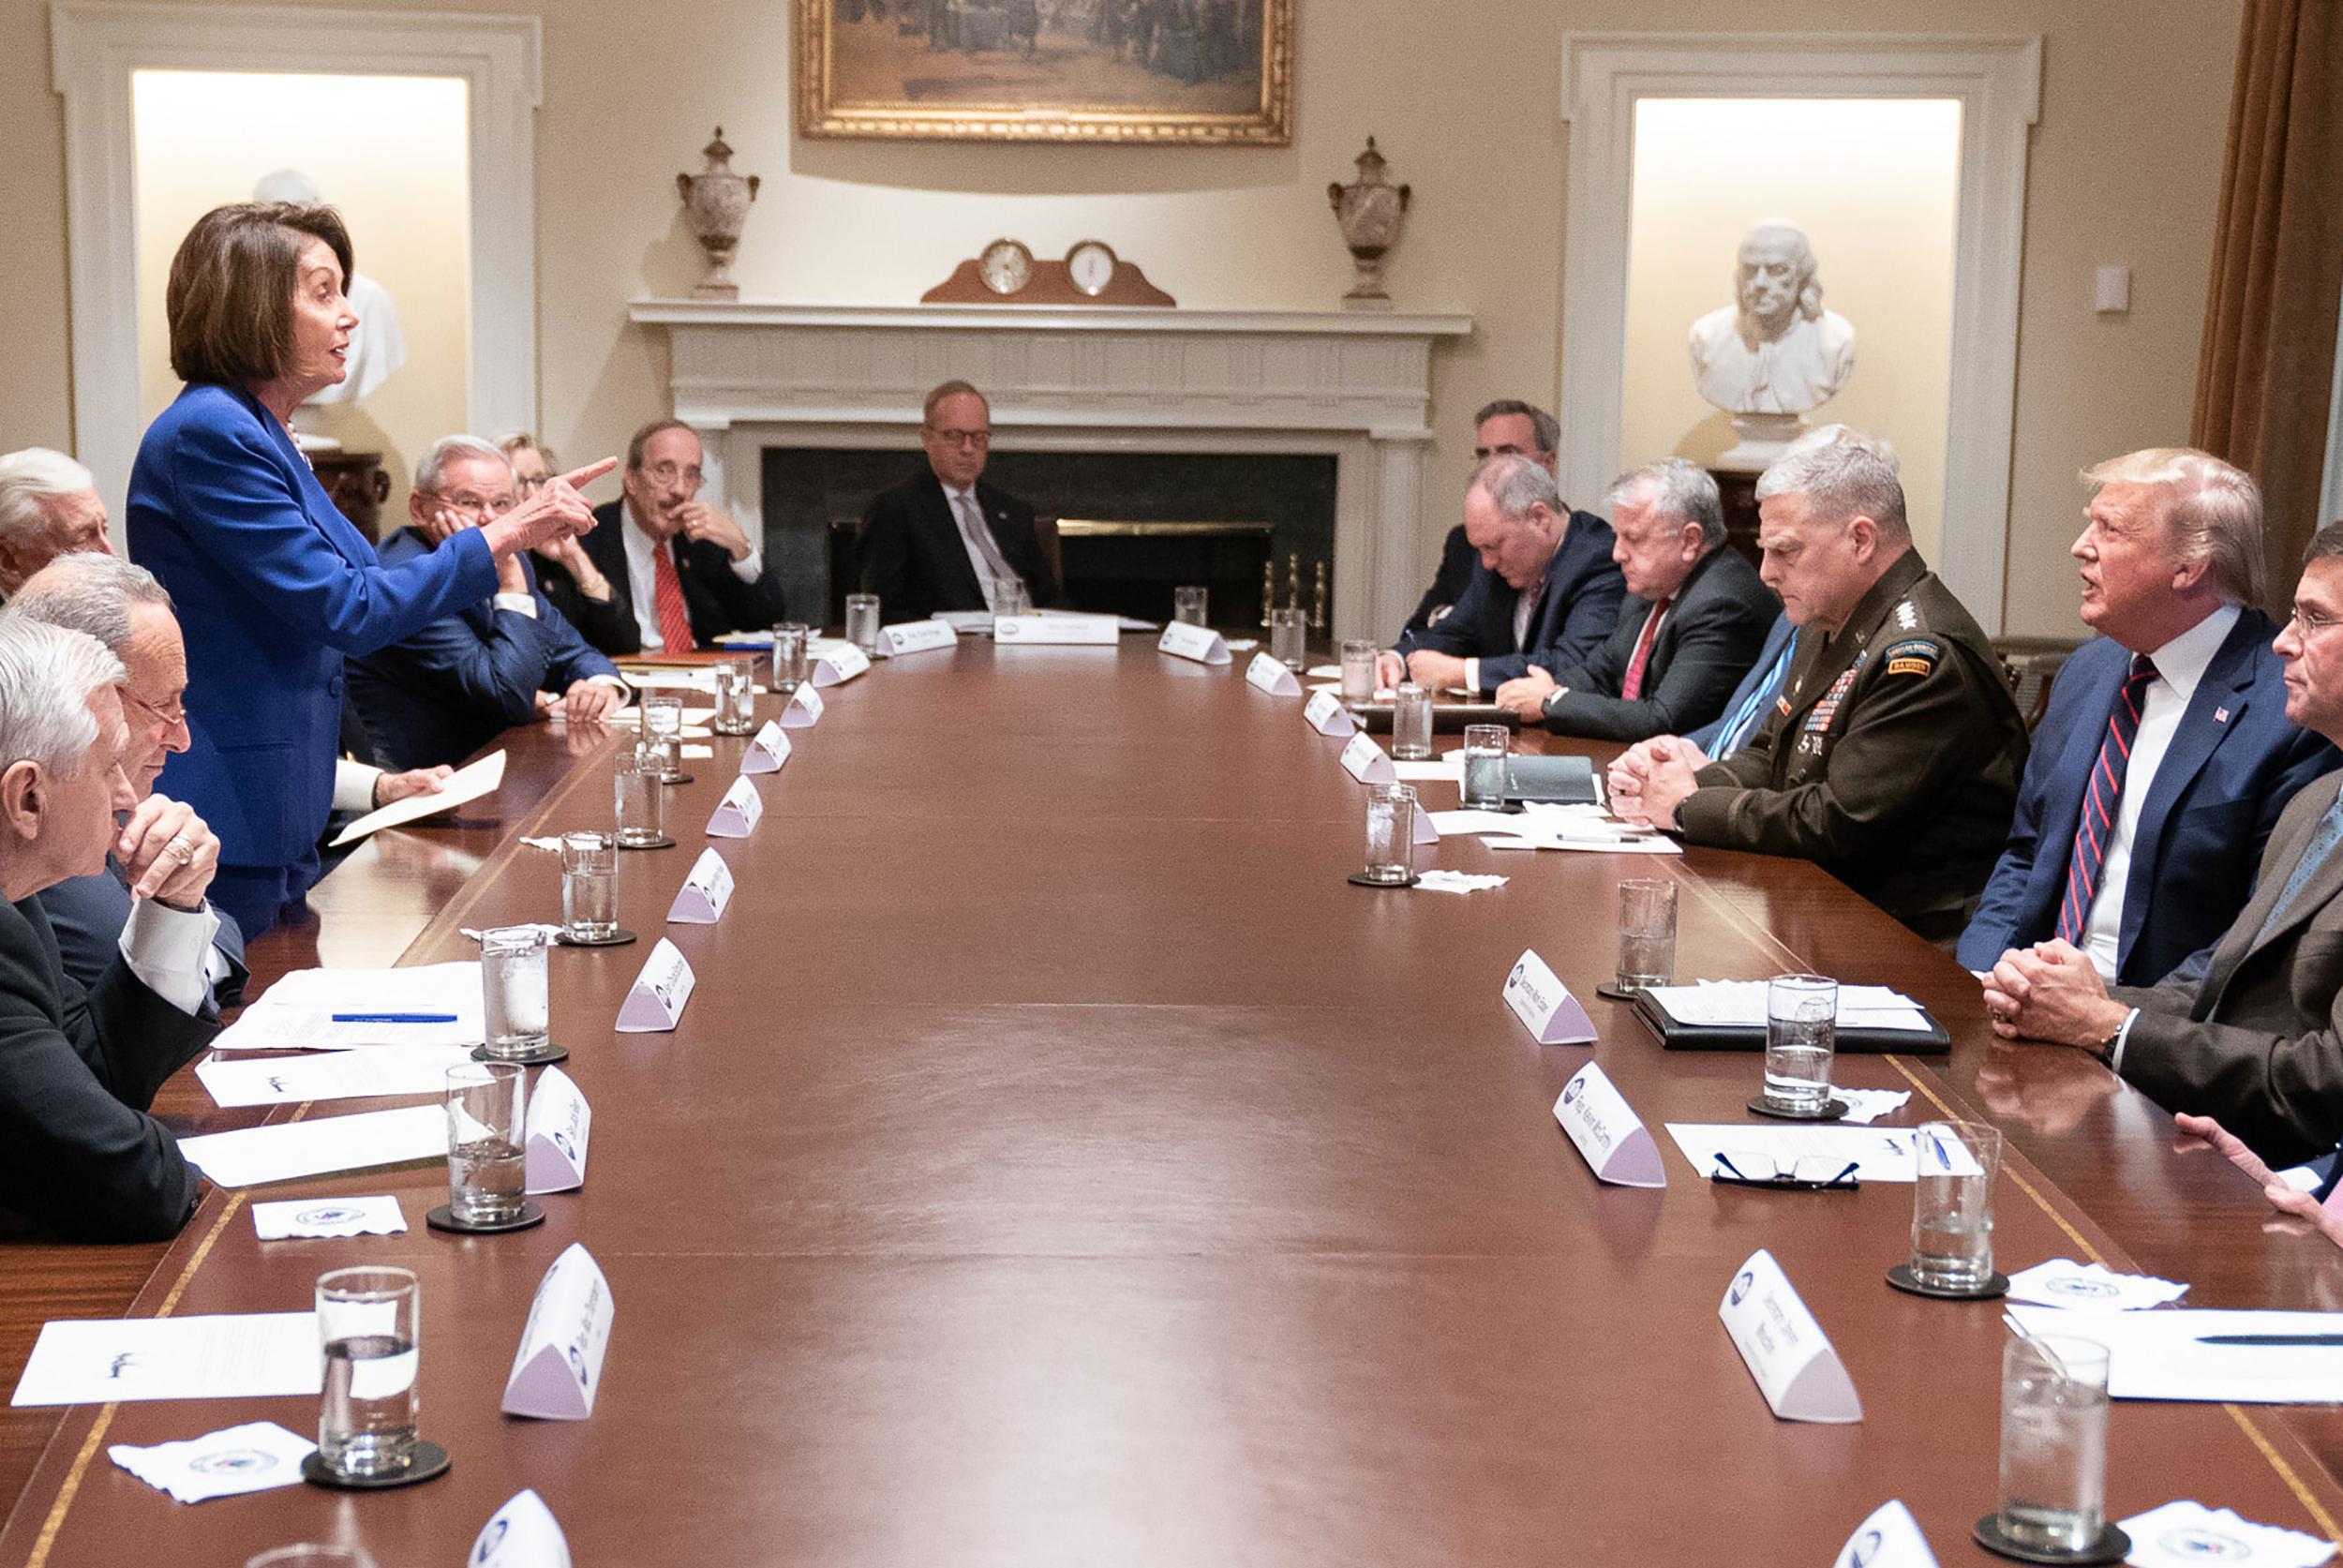 Shealah Craighead/The White House via Getty Images